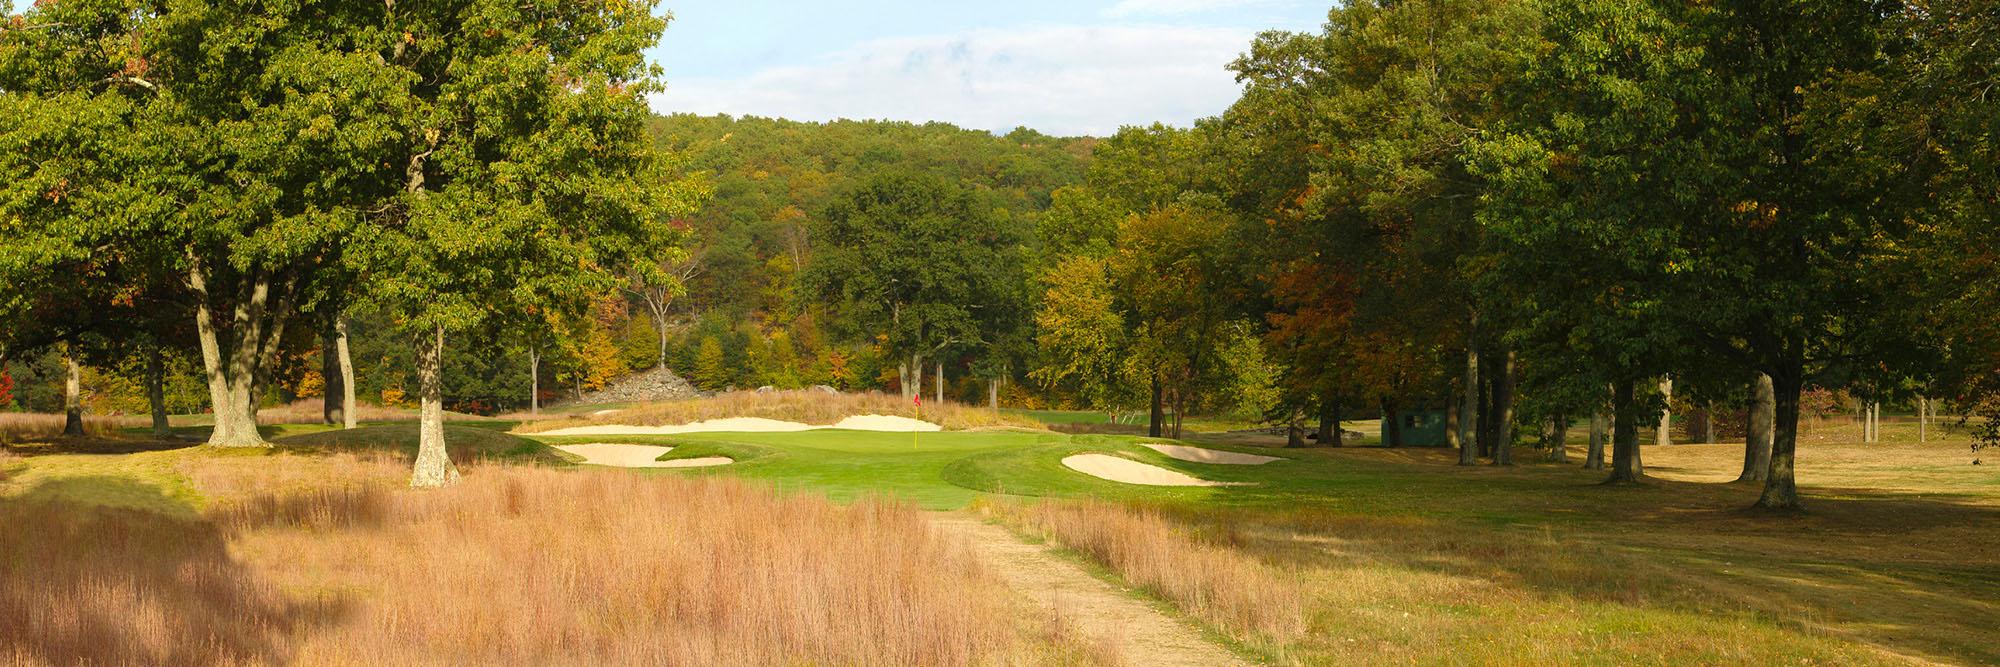 Golf Course Image - The Tuxedo Club No. 15